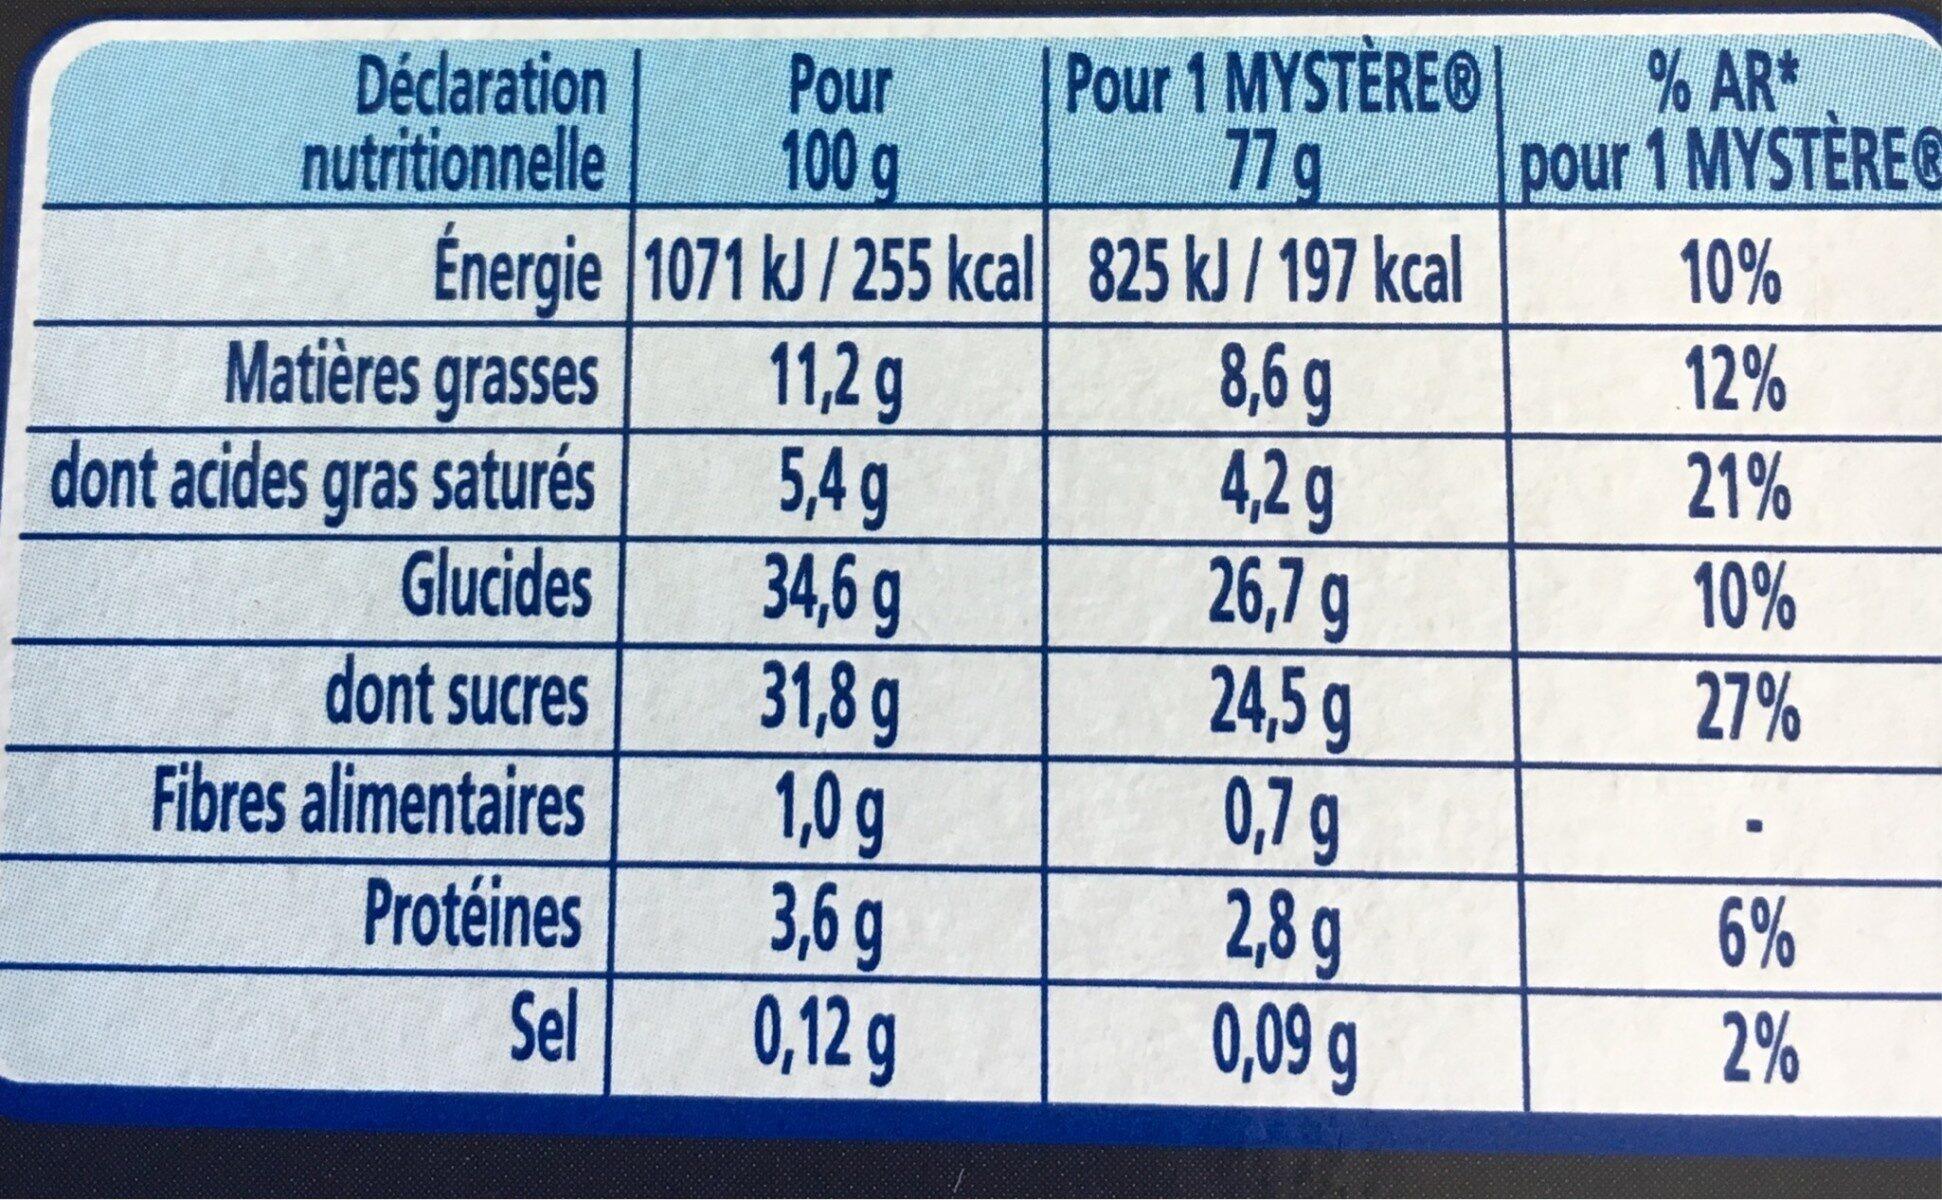 Le Mystère, Vanille de Madagascar Cœur meringue - Nutrition facts - fr